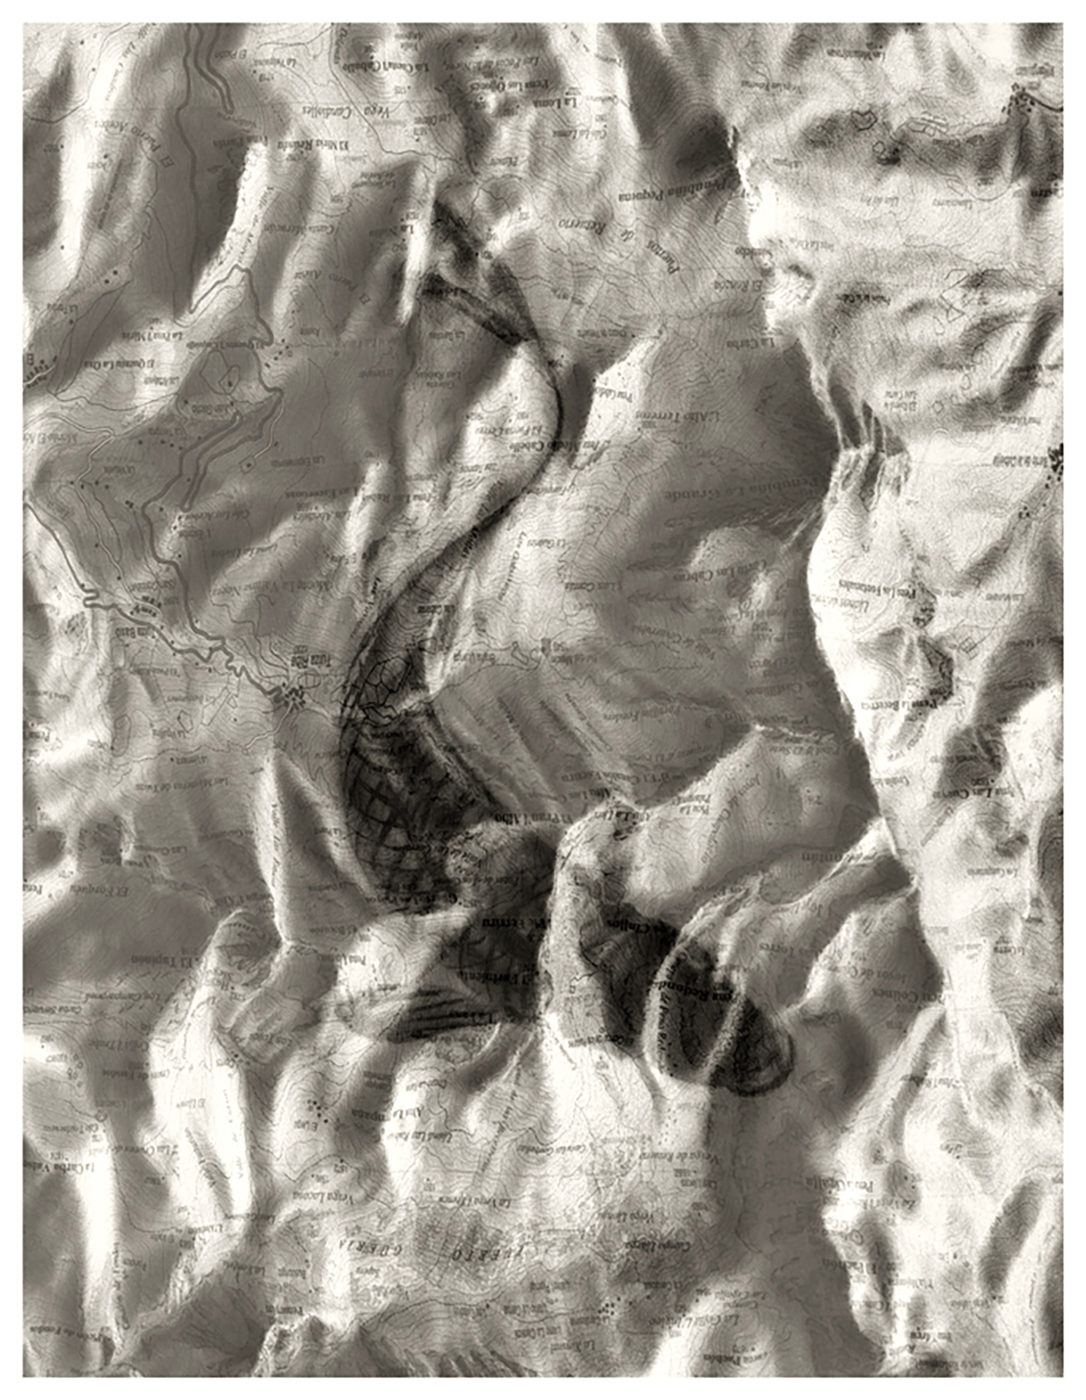 Chema Madoz Sin título, 2012 Fotografía blanco y negro sobre papel baritado, virado al sulfuro Galería Elvira González